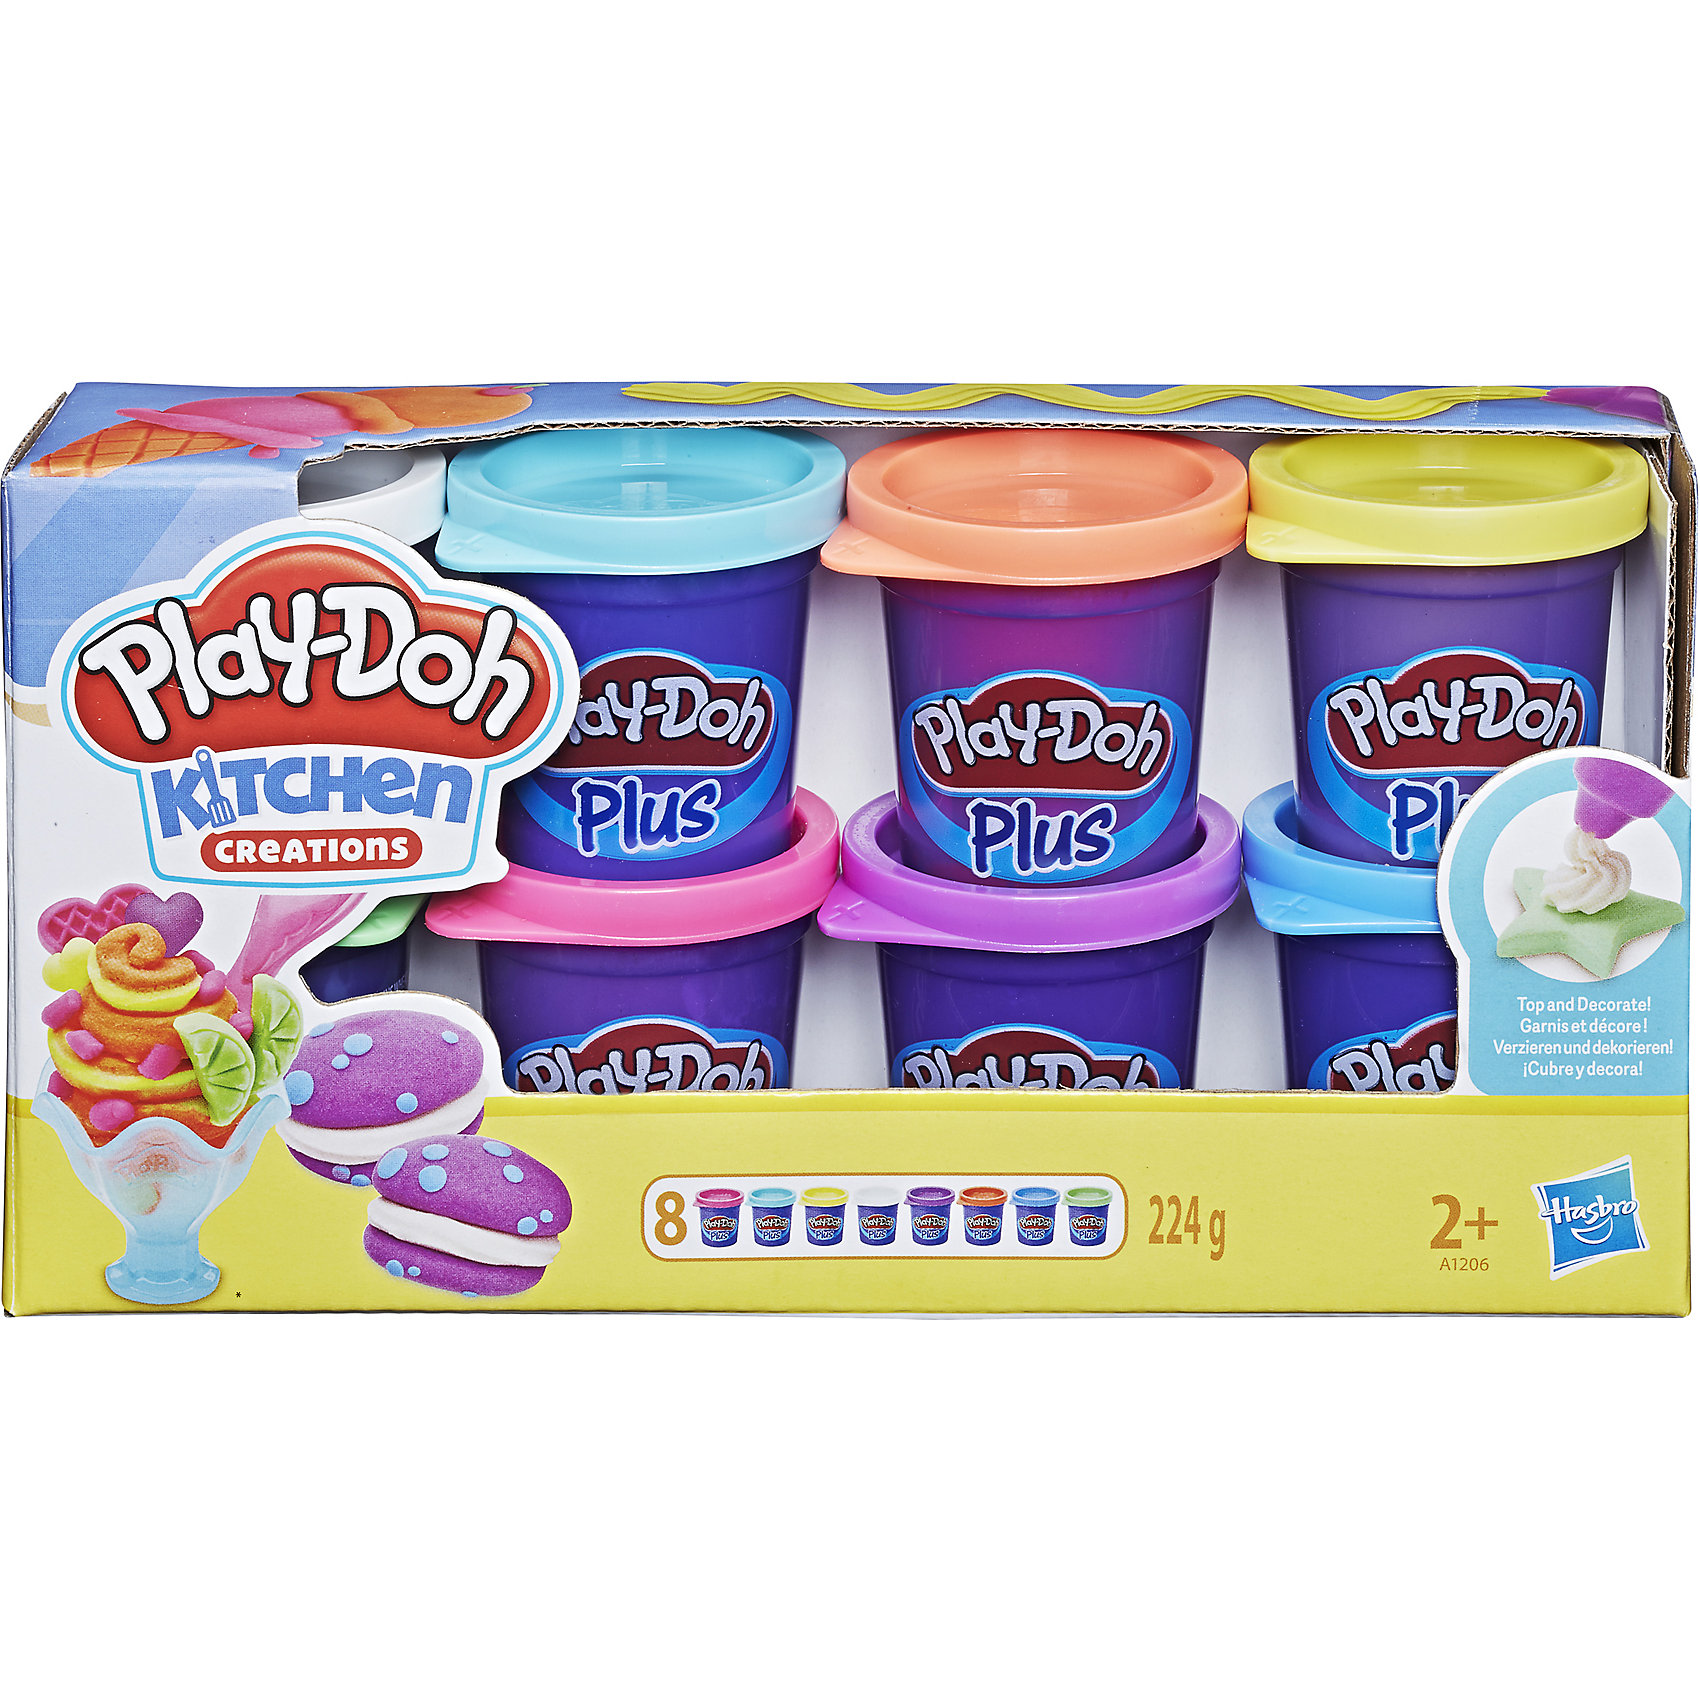 8 банок пластилина Play-Doh PLUSЛепка<br>Сенсация! При помощи нового пластилина Play-Doh PLUS (в синей баночке) Вы сможете слепить даже самые маленькие детали для Ваших шедевров! Тортики с розочками, мороженое и пирожные со всевозможными декоративными элементами, и это еще не предел.  Его структура более мягкая и приятная на ощупь. Имеет сладкий запах, но соленый на вкус!<br><br>Дополнительная информация:<br><br>-  в комплекте 8 банок Play-Doh ПЛЮС (зеленый, белый, светло-желтый, оранжевый, розовый, зеленый, фиолетовый, бирюзовый)<br>- Вес каждой банки: 28g <br>- Ультра-мягкая консистенция<br><br>8 банок пластилина Play-Doh PLUS можно купить в нашем магазине.<br><br>Ширина мм: 219<br>Глубина мм: 114<br>Высота мм: 60<br>Вес г: 376<br>Возраст от месяцев: 24<br>Возраст до месяцев: 60<br>Пол: Унисекс<br>Возраст: Детский<br>SKU: 2808038